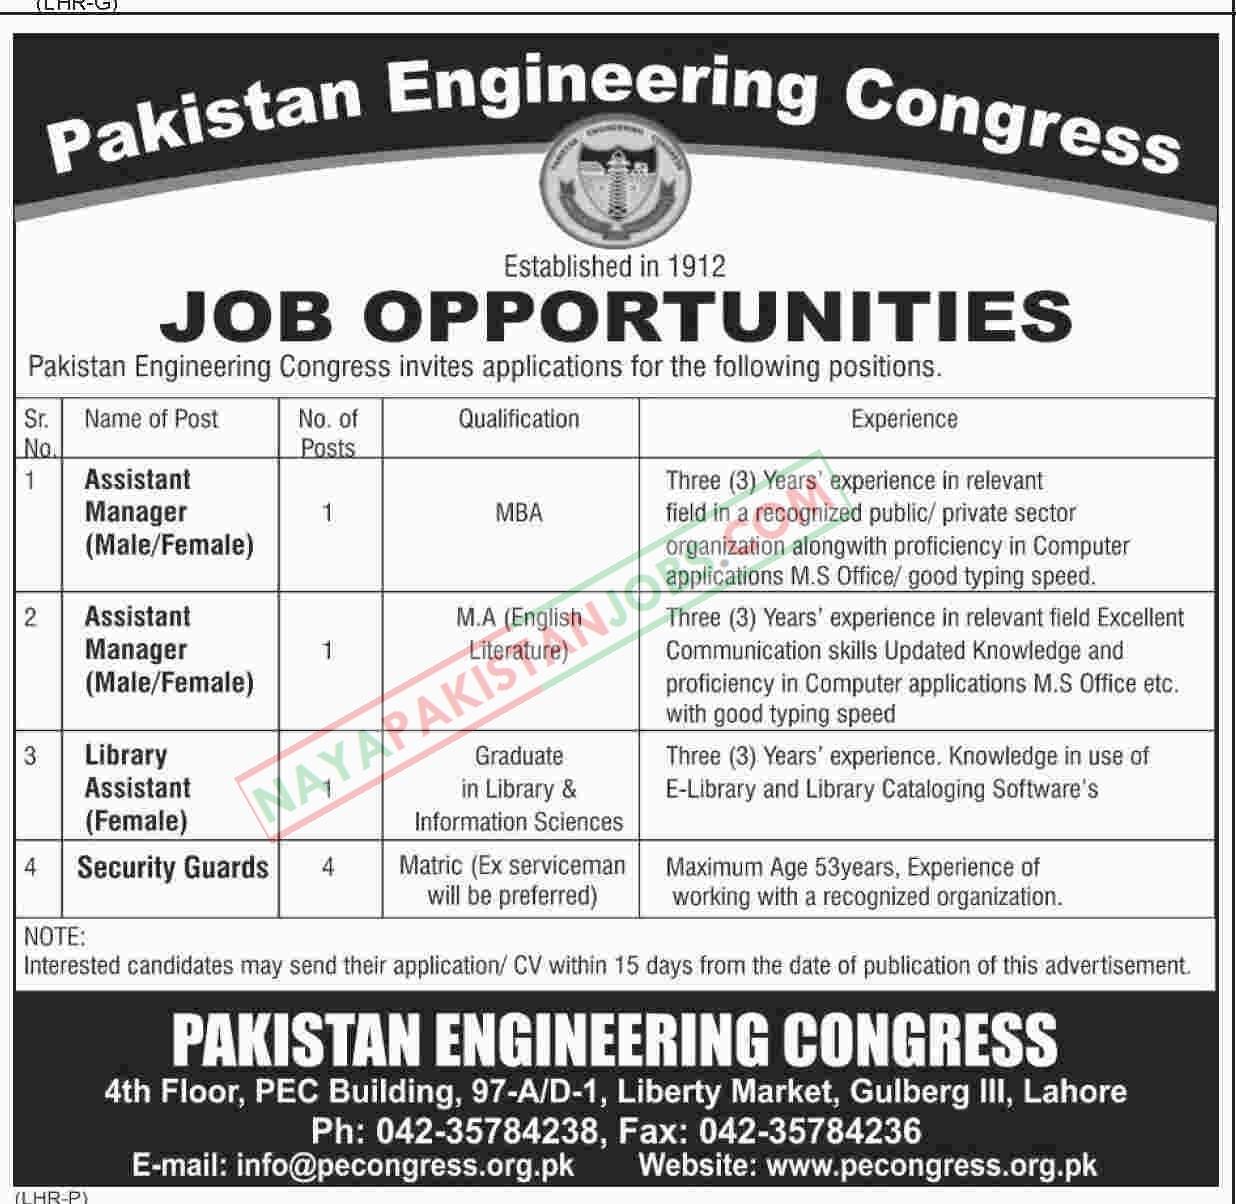 Latest Vacancies Announced in Pakistan Engineering Congress 14 October 2018 - Naya Pakistan